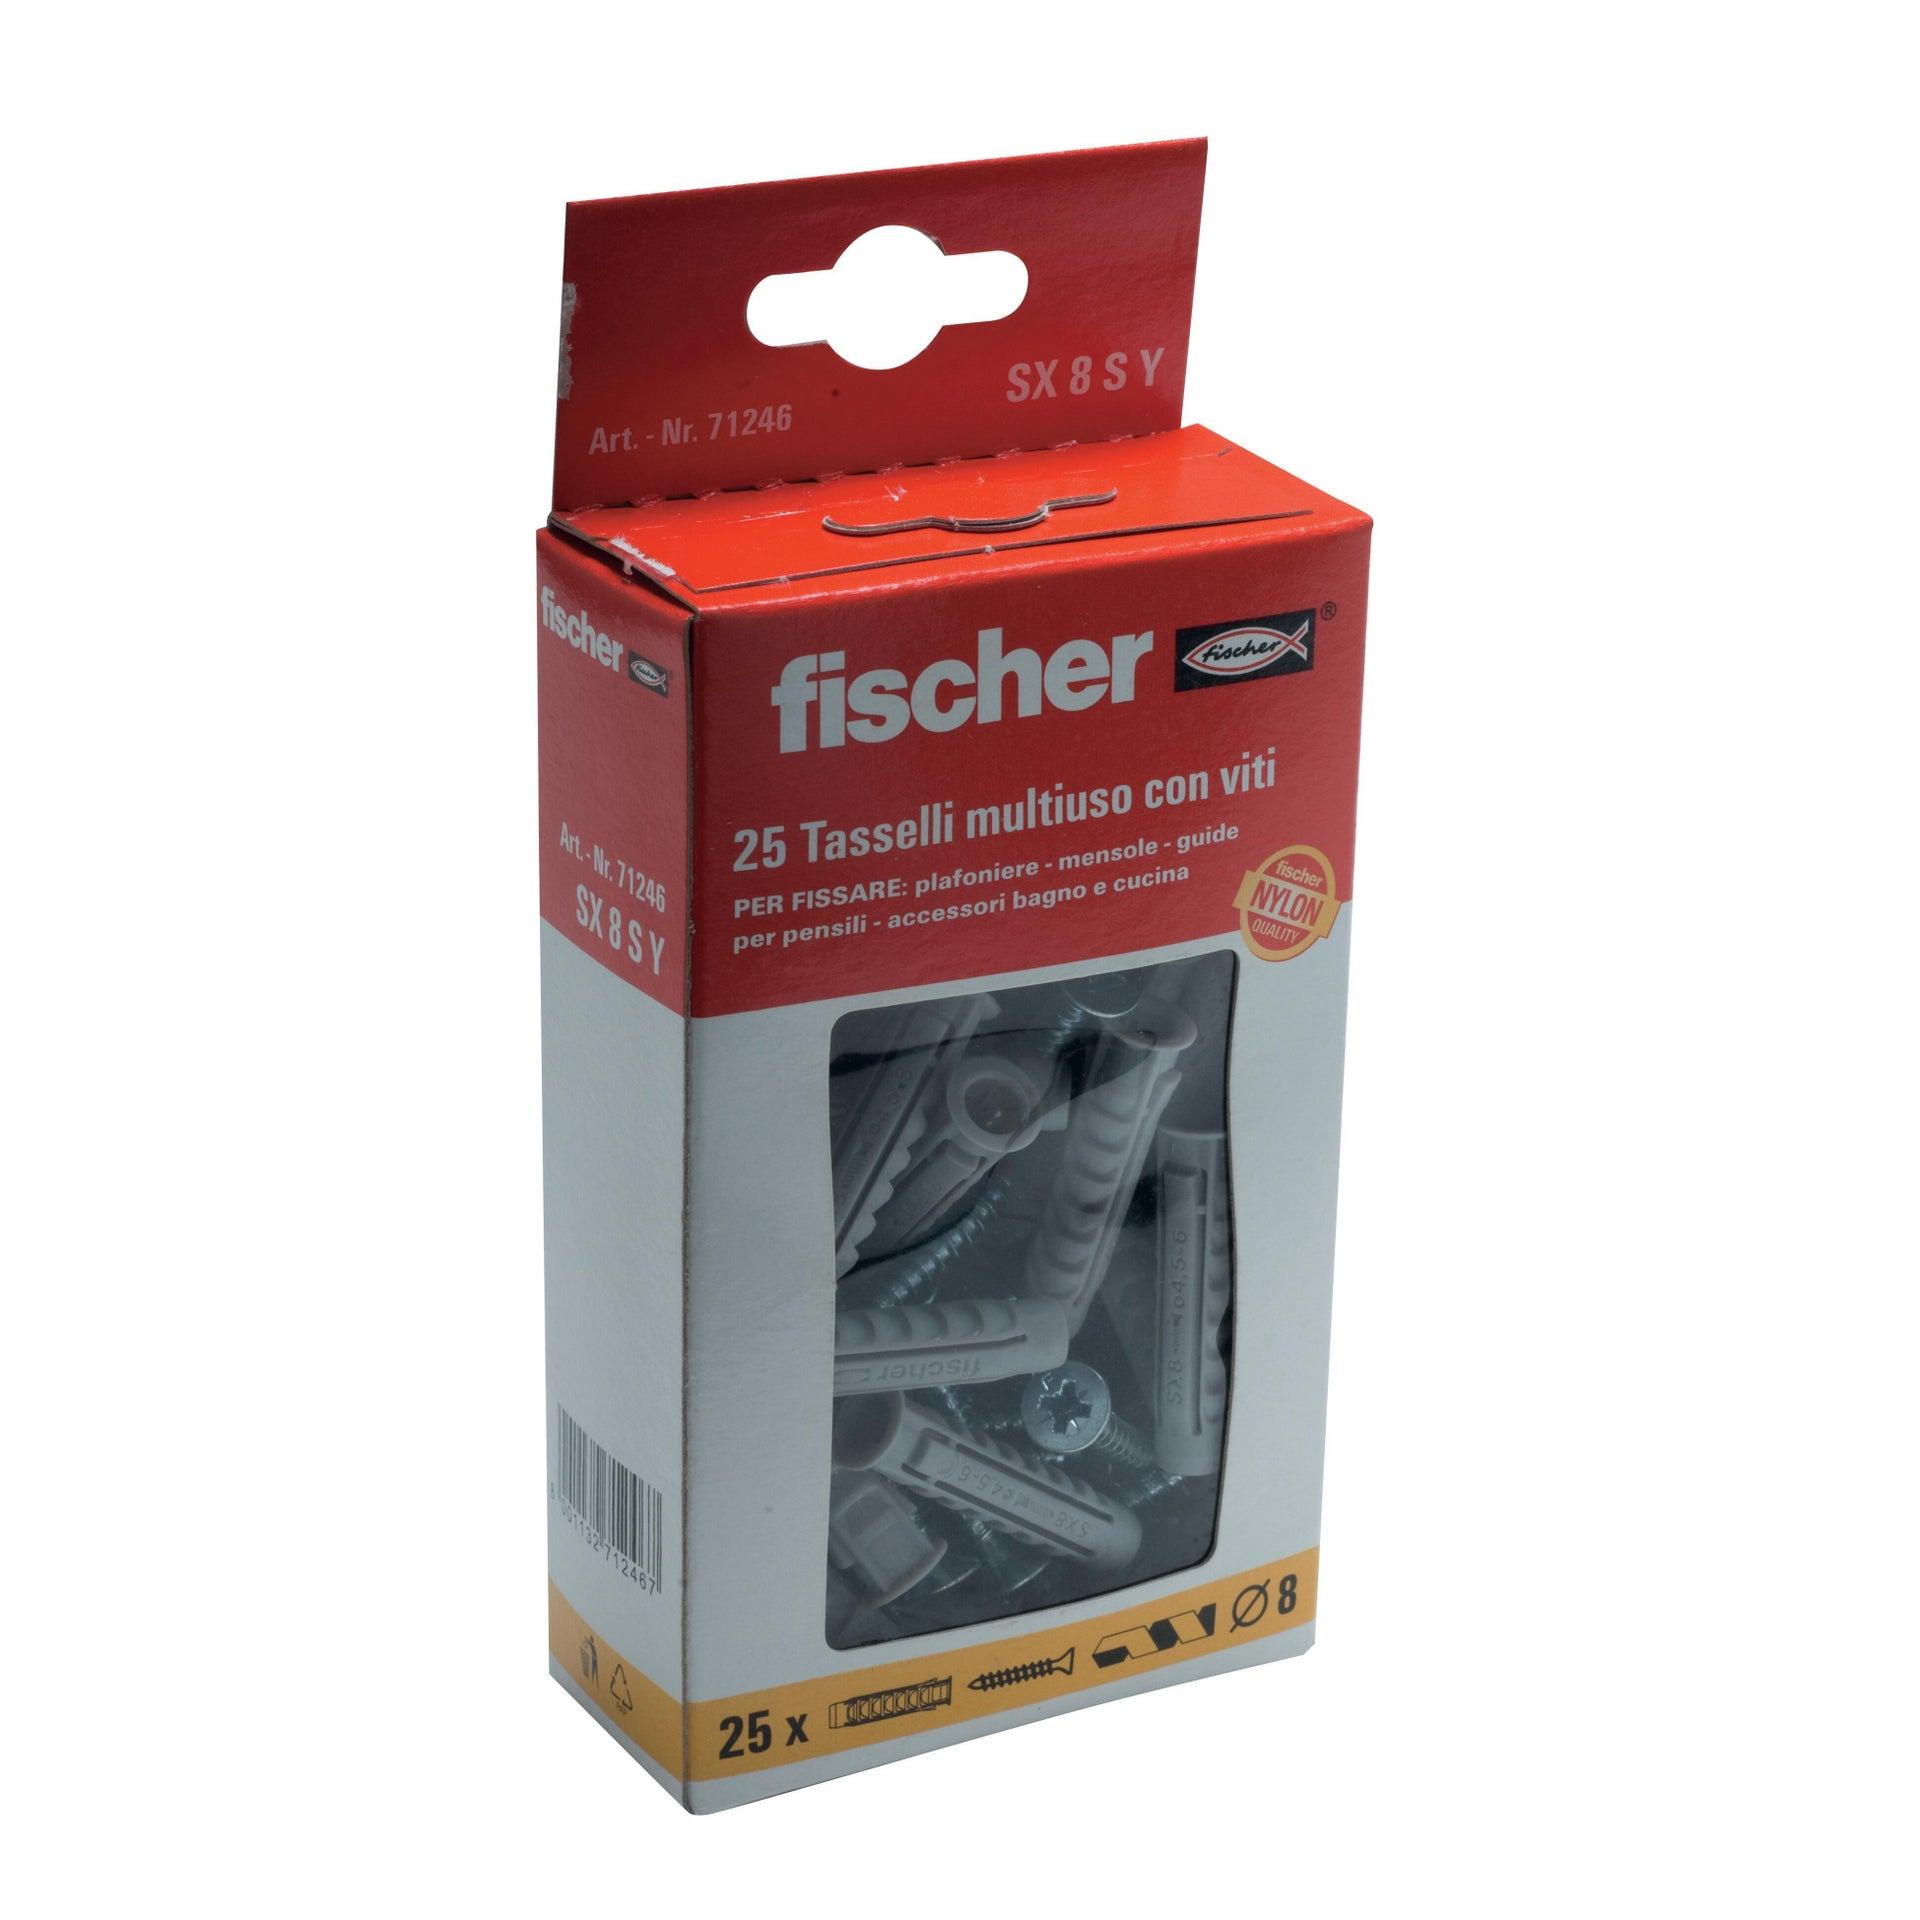 Tassello per materiale forato FISCHER SX, L 40 mm , Ø 8 mm, 25 pezzi - 3